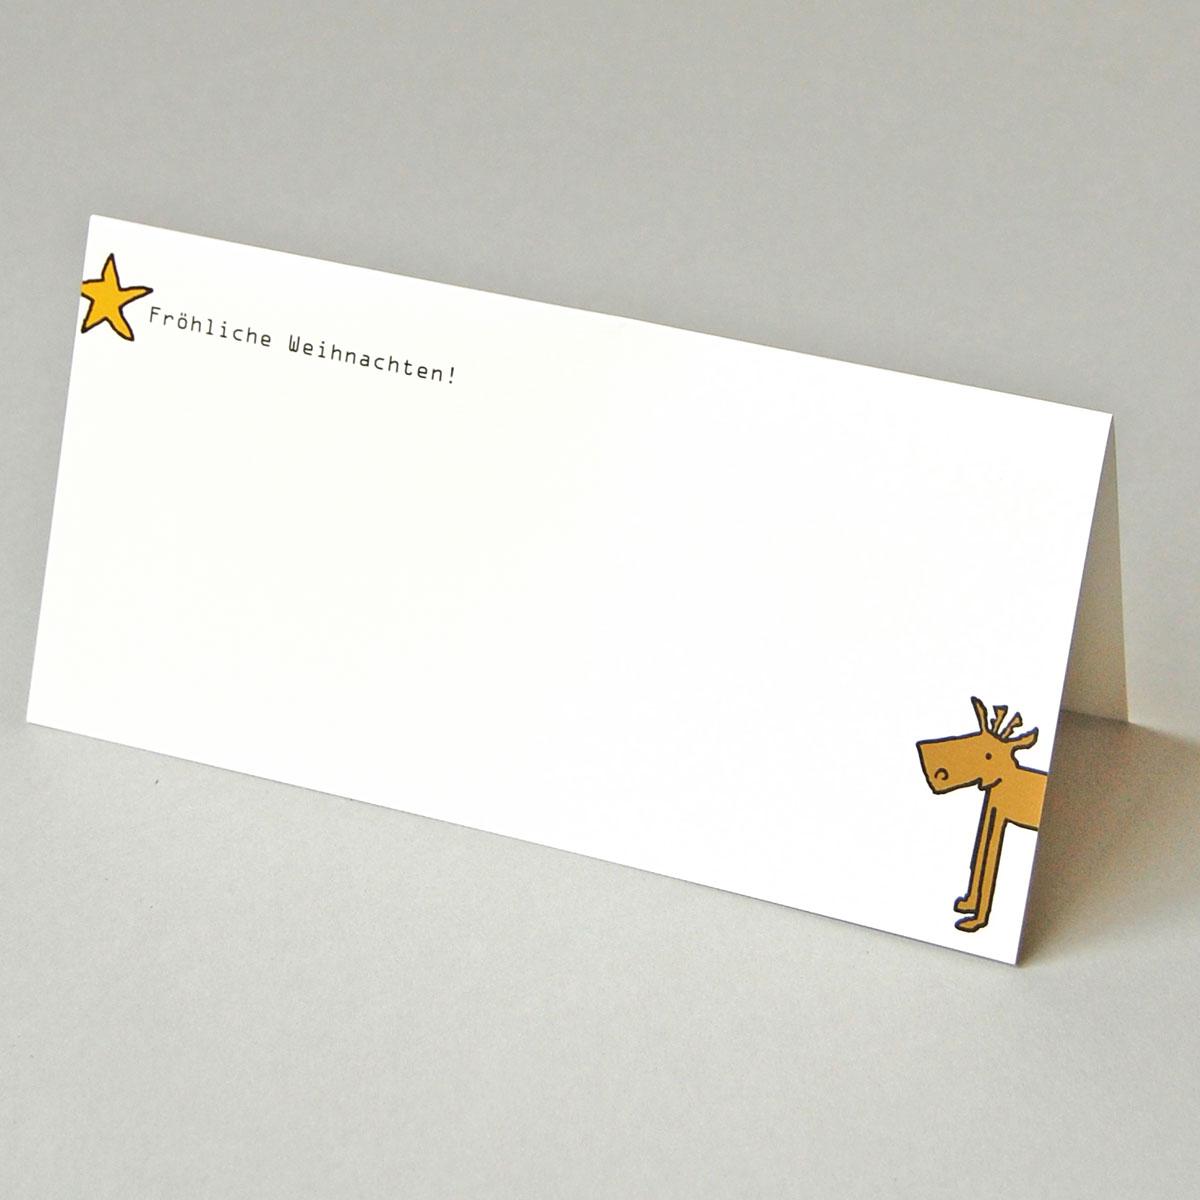 Foto Weihnachtskarten Bestellen.Designer Weihnachtskarten Bestellen Elch Und Stern